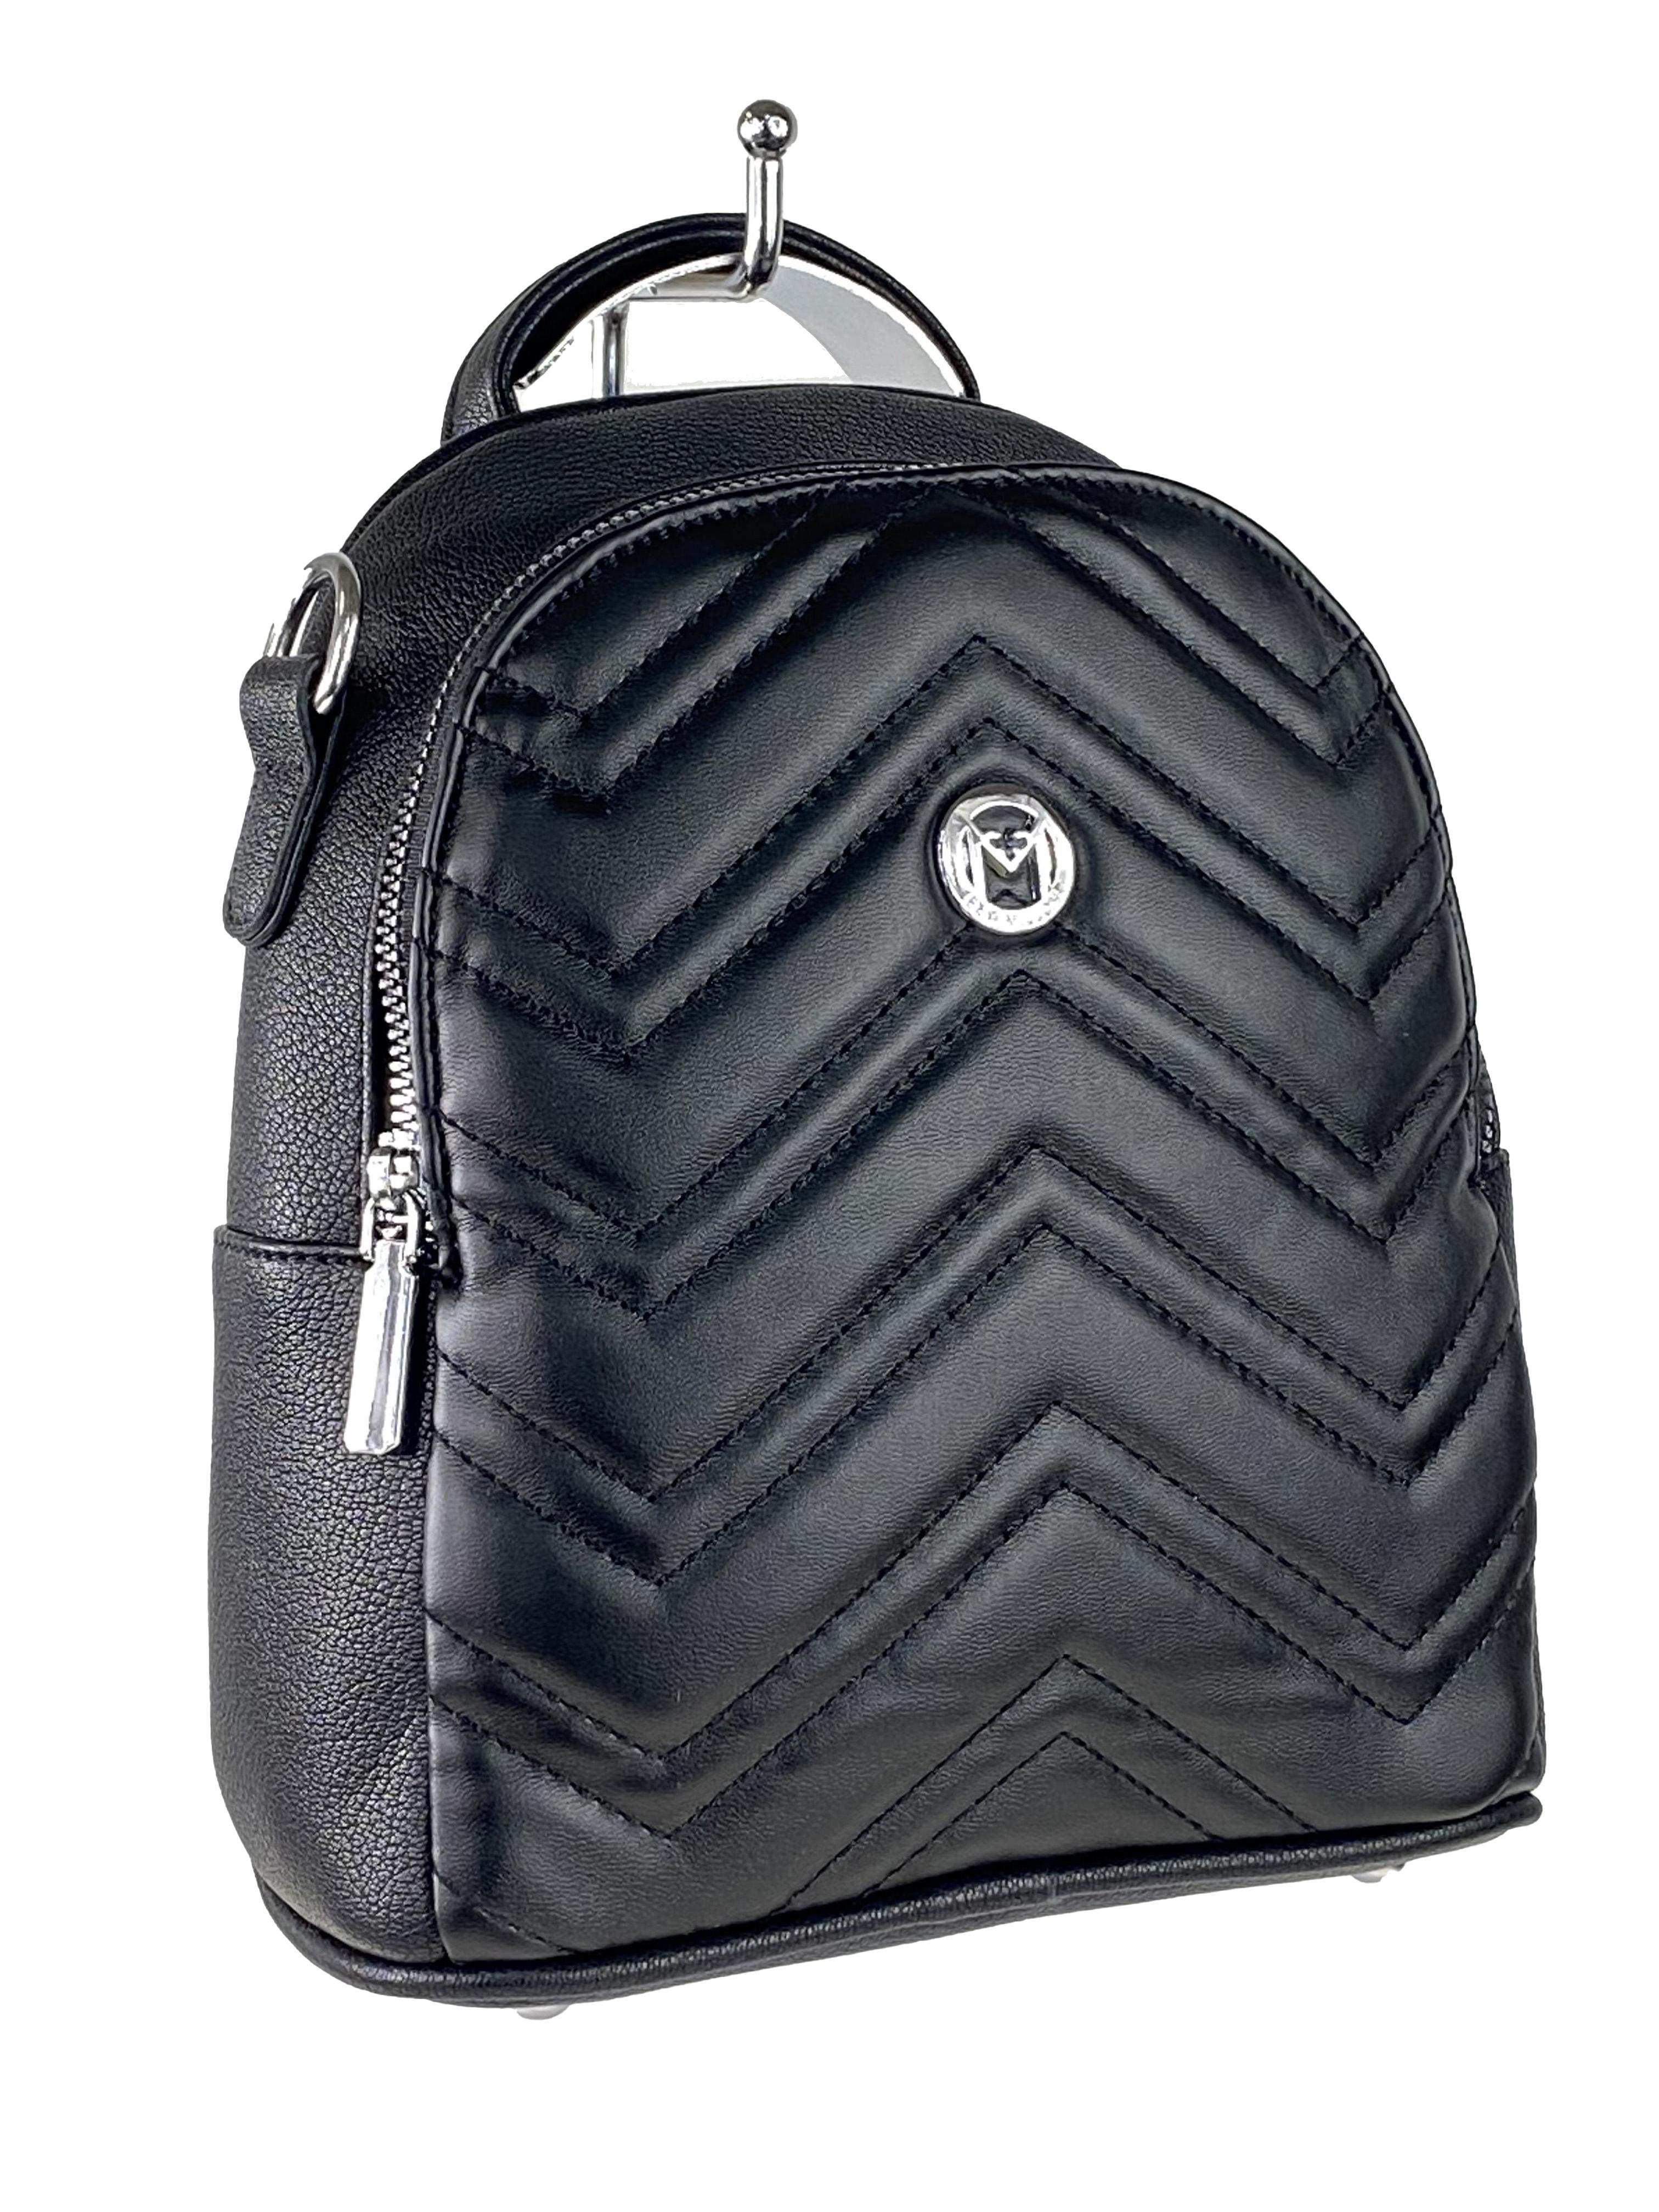 Женский стёганый рюкзачок-трансформер из экокожи, цвет чёрный